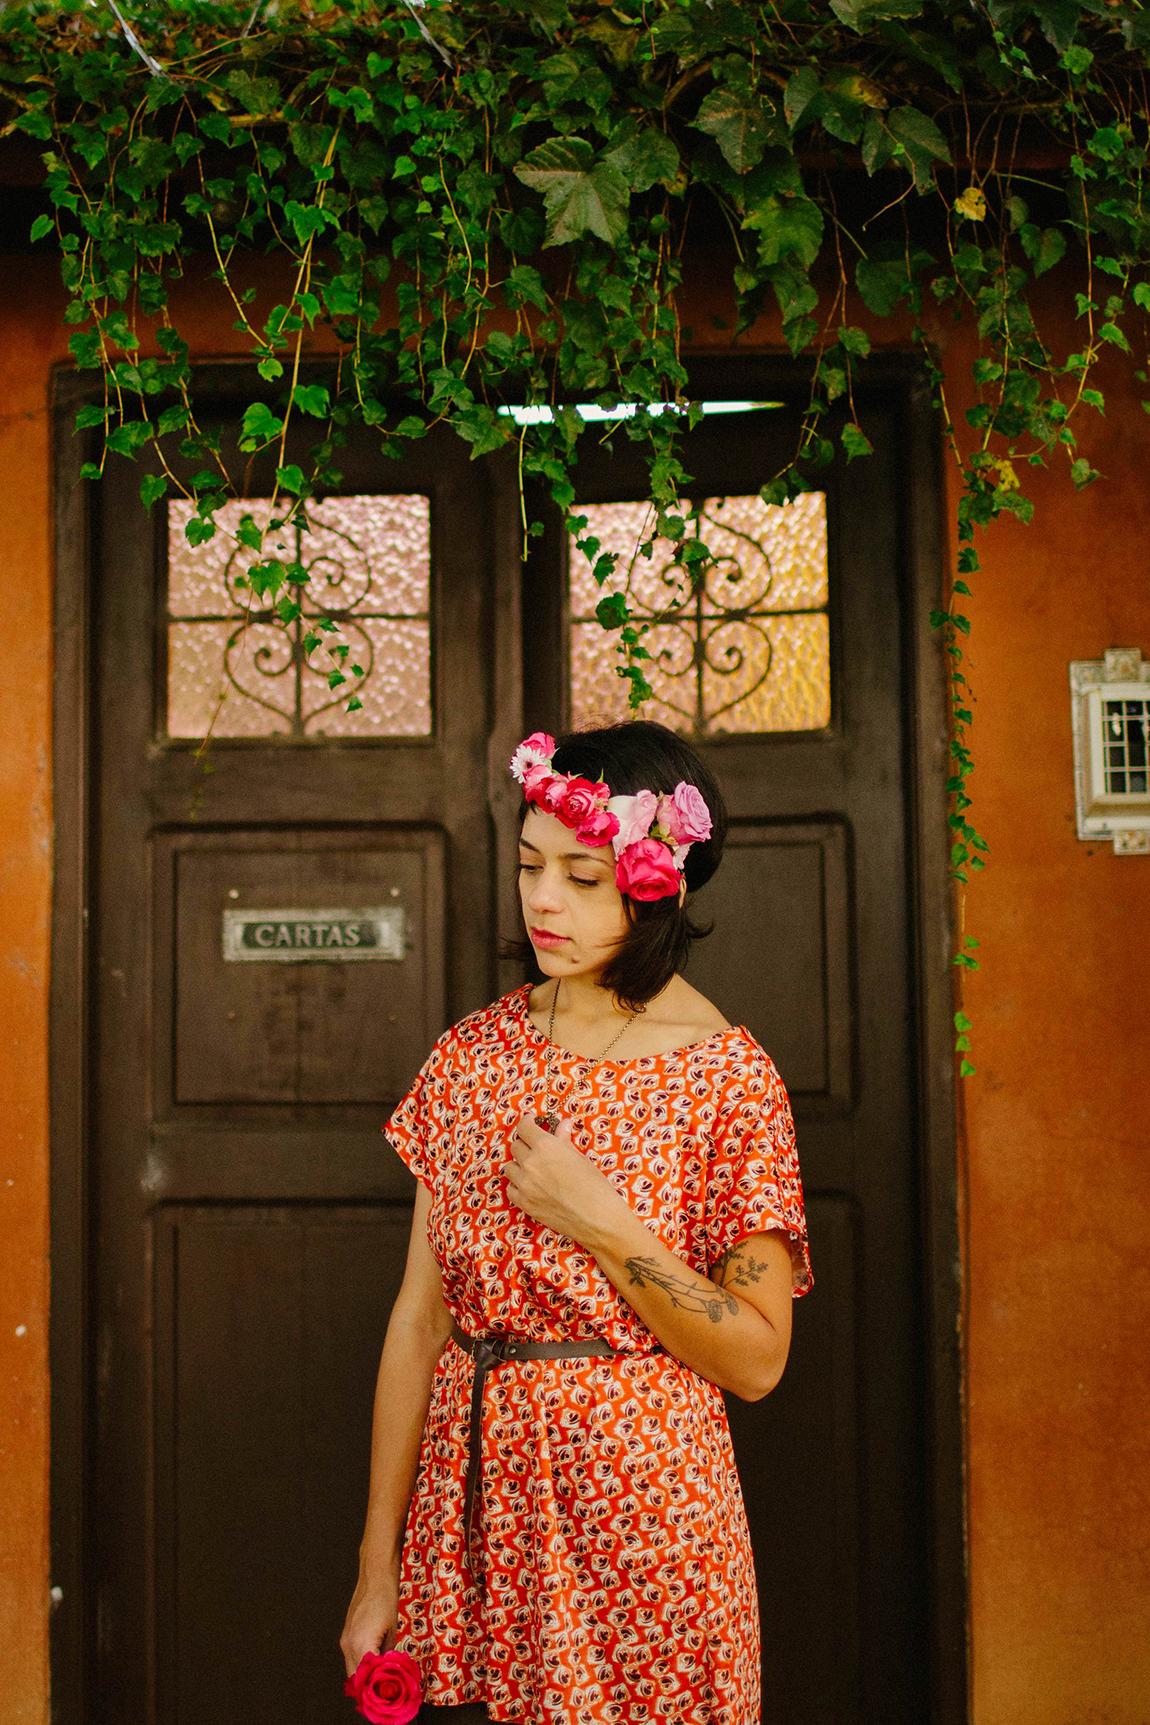 mariana-alves-fotografia-curitiba-flores (142)